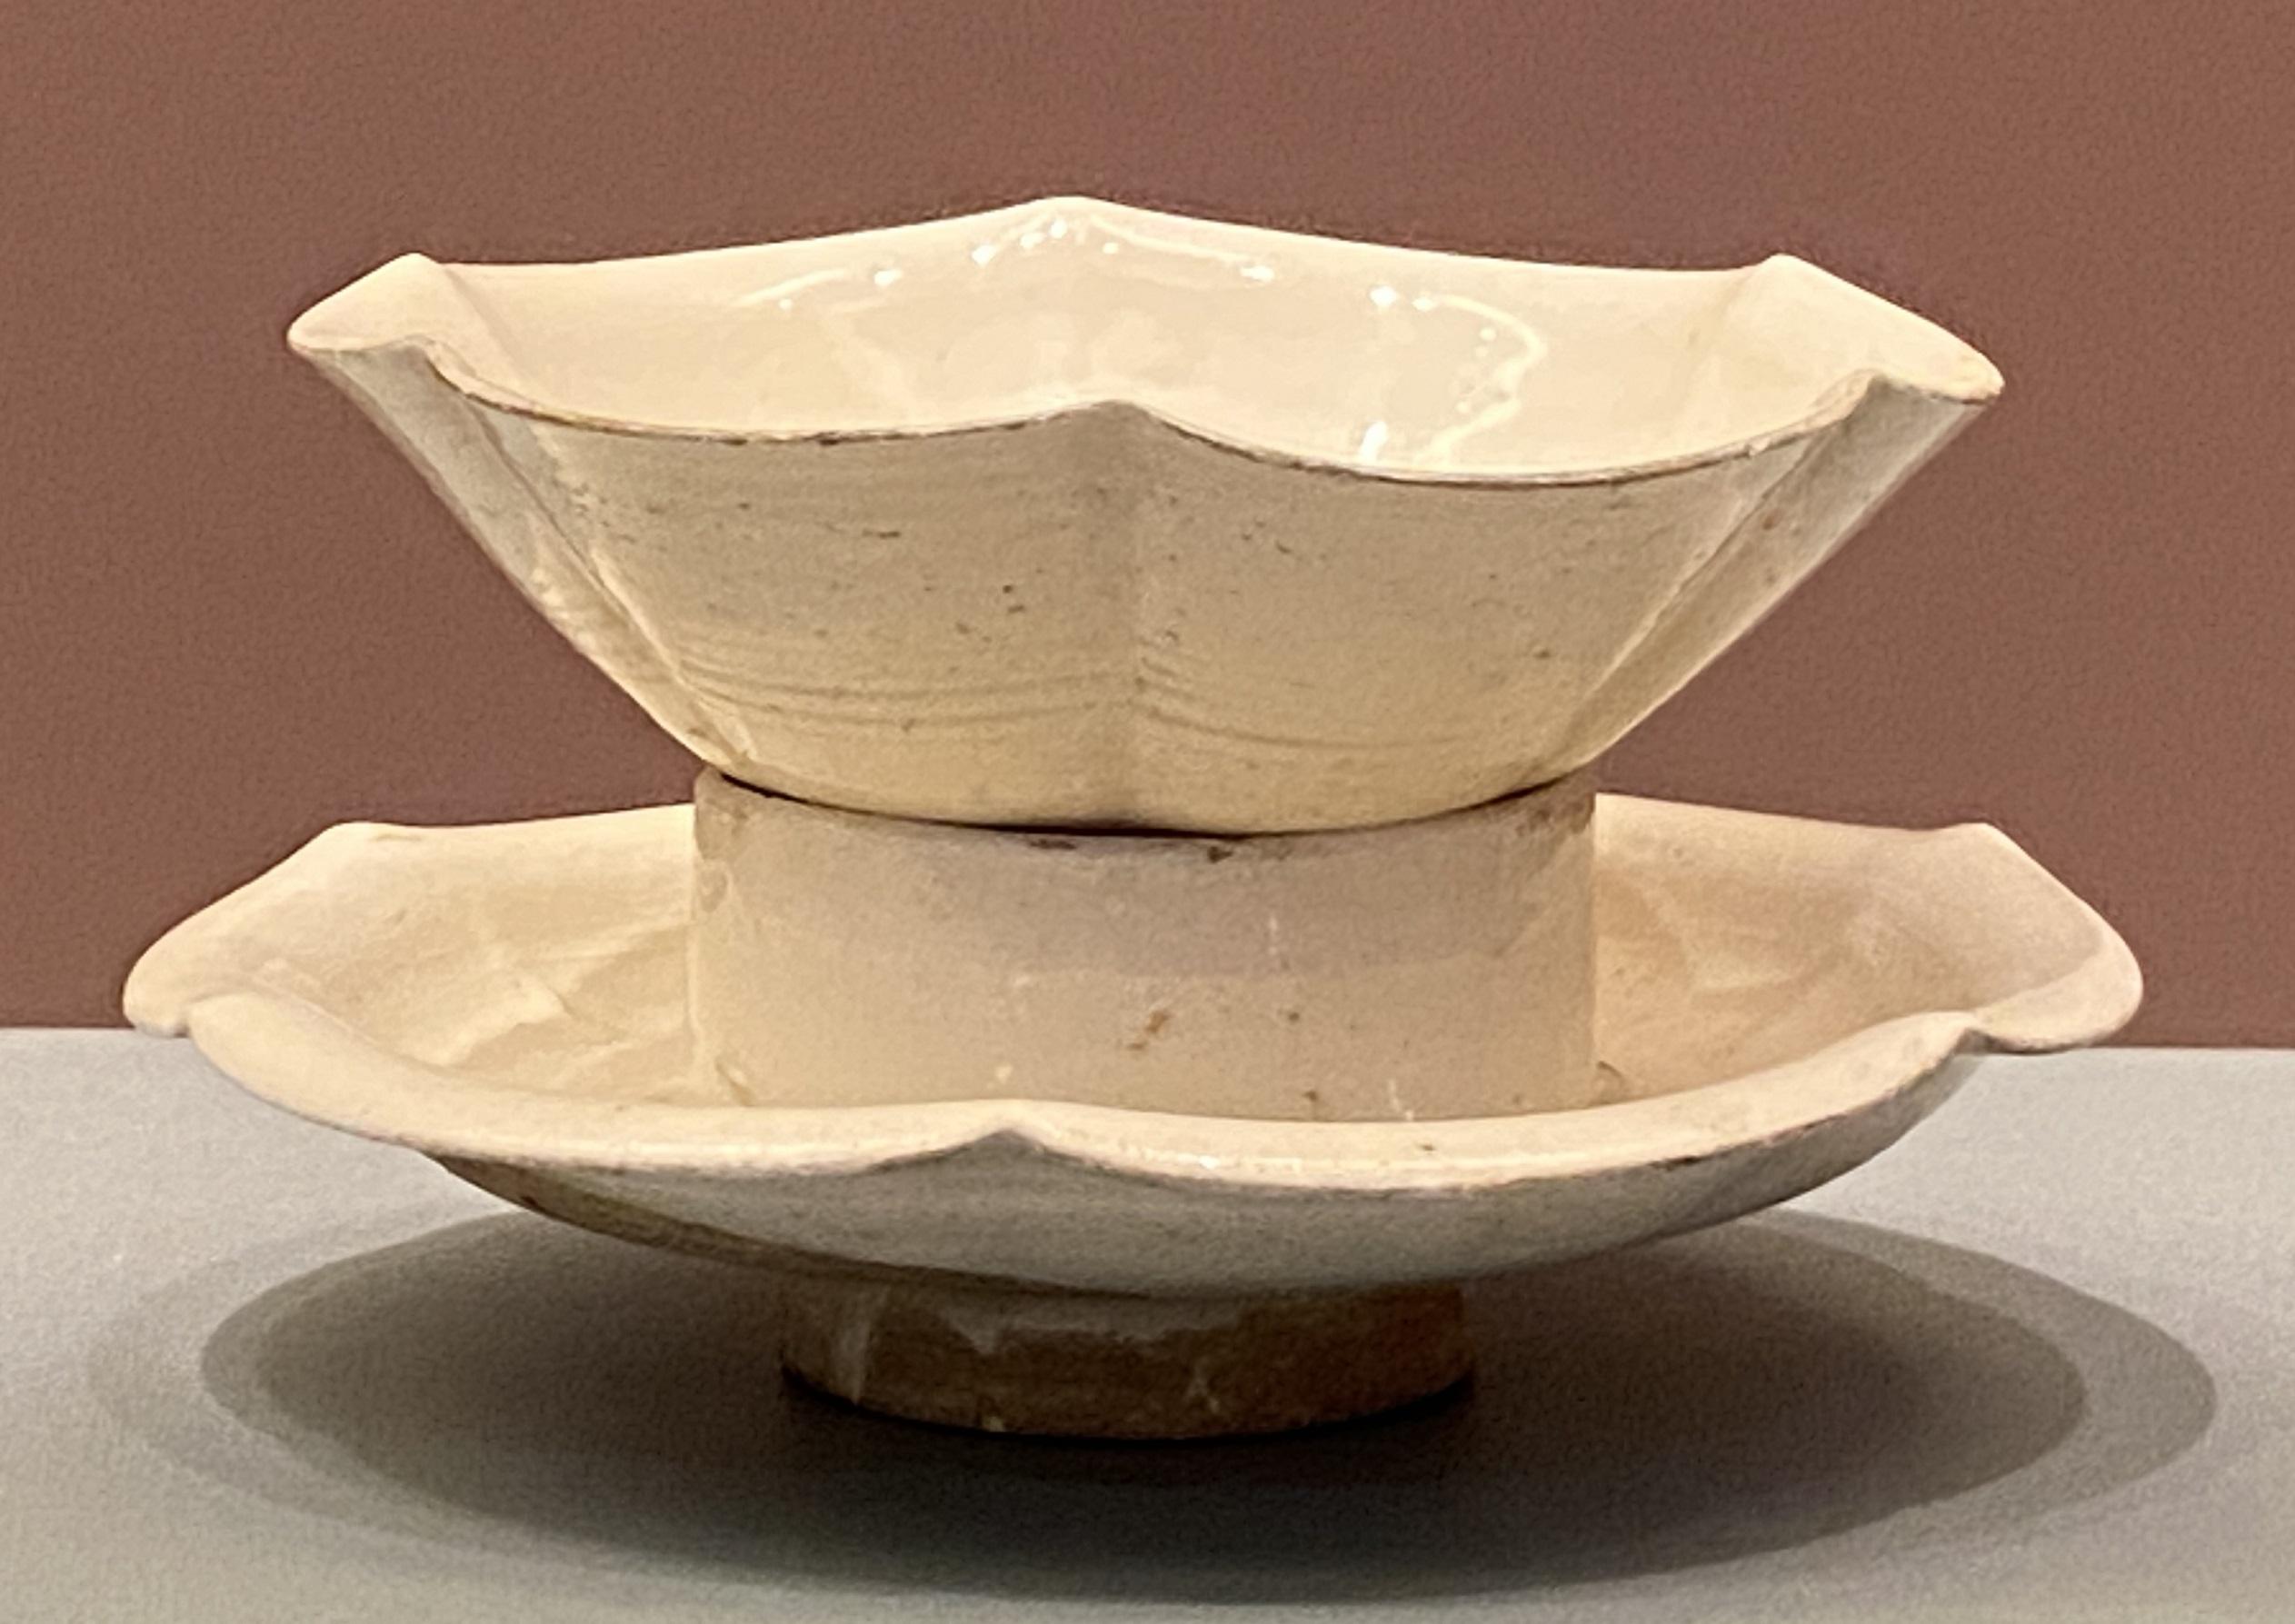 白釉花式帯托磁盏-北宋時代-特別展【食味人間】四川博物院・中国国家博物館